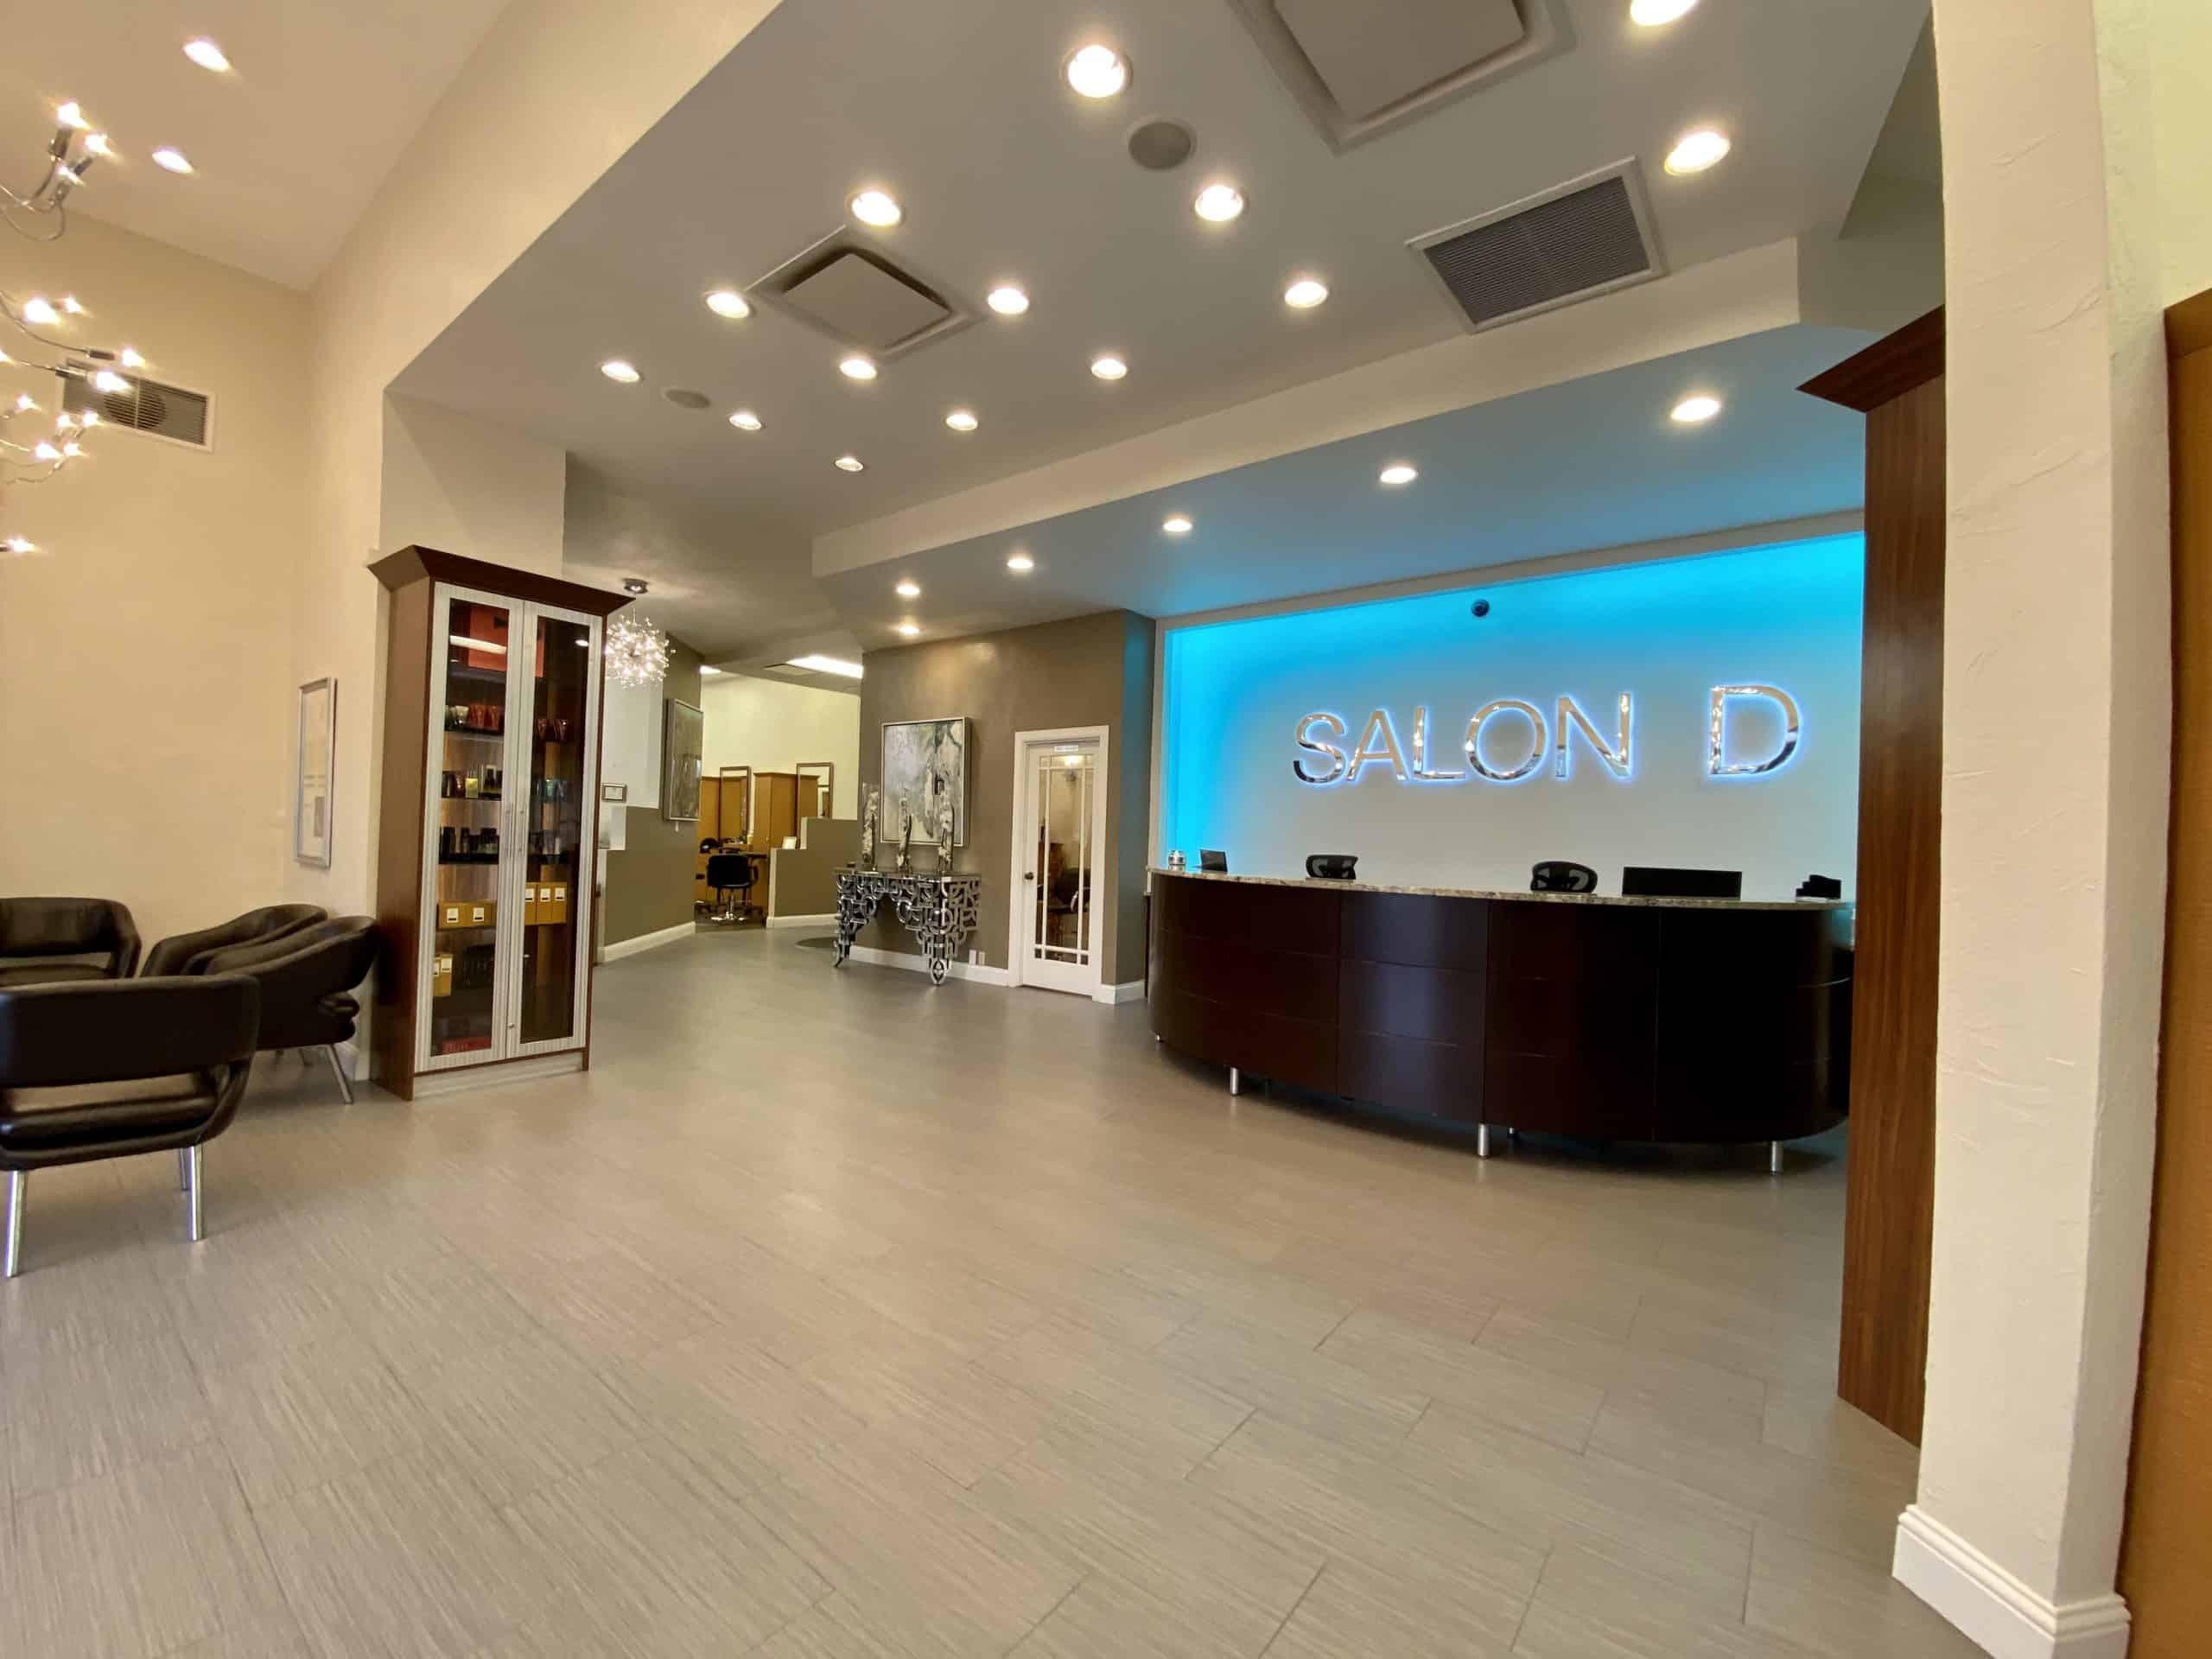 Salon D Stylists